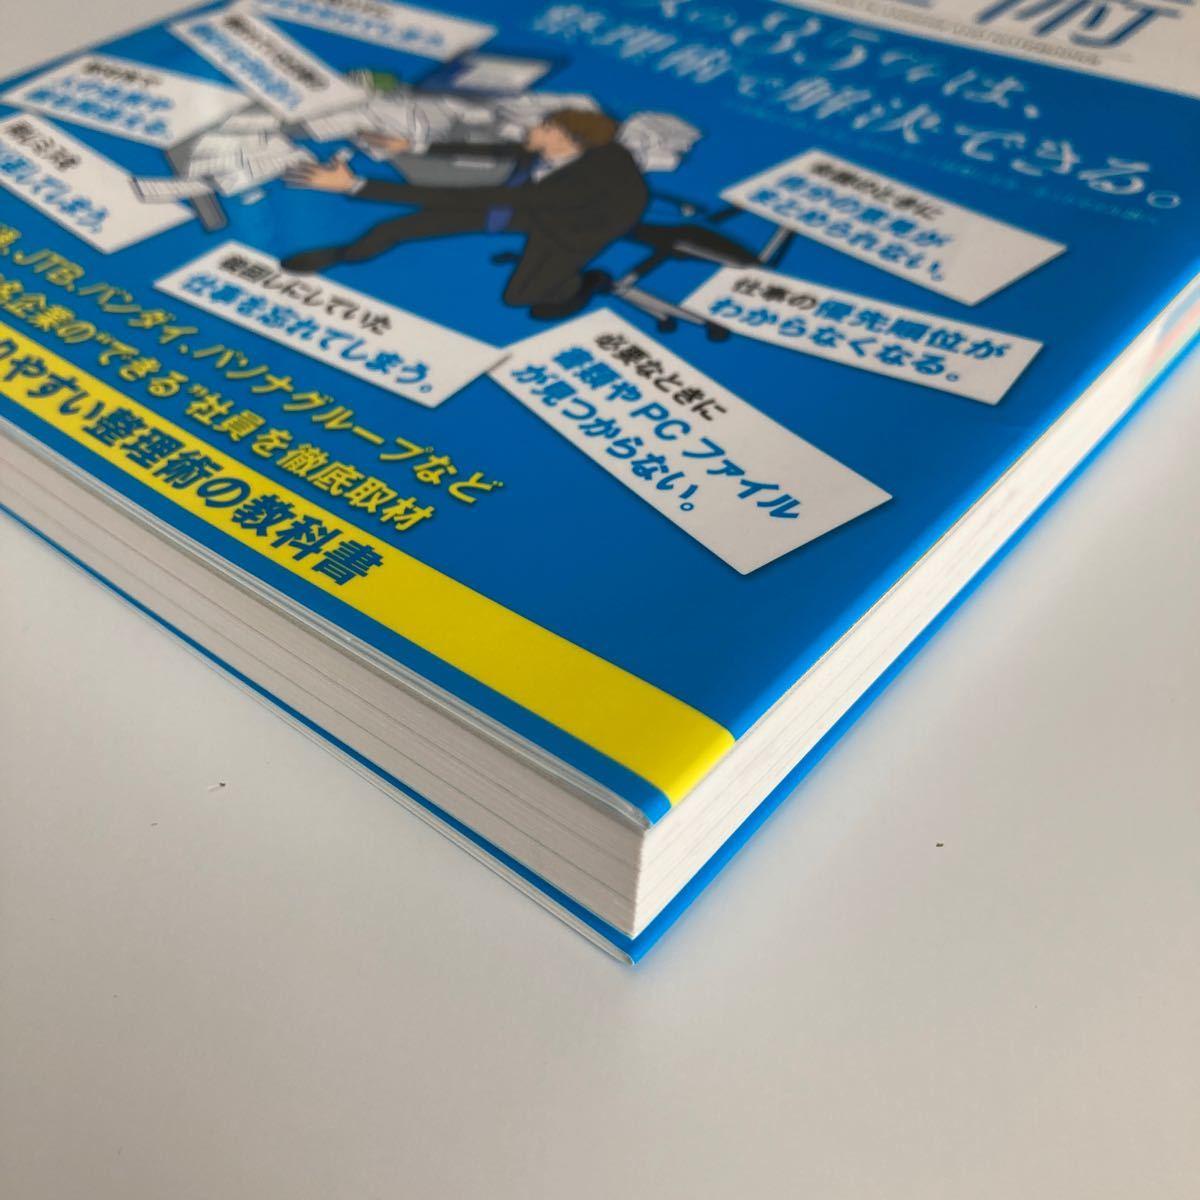 図解ミスが少ない人は必ずやっている 〈書類手帳ノート〉 の整理術